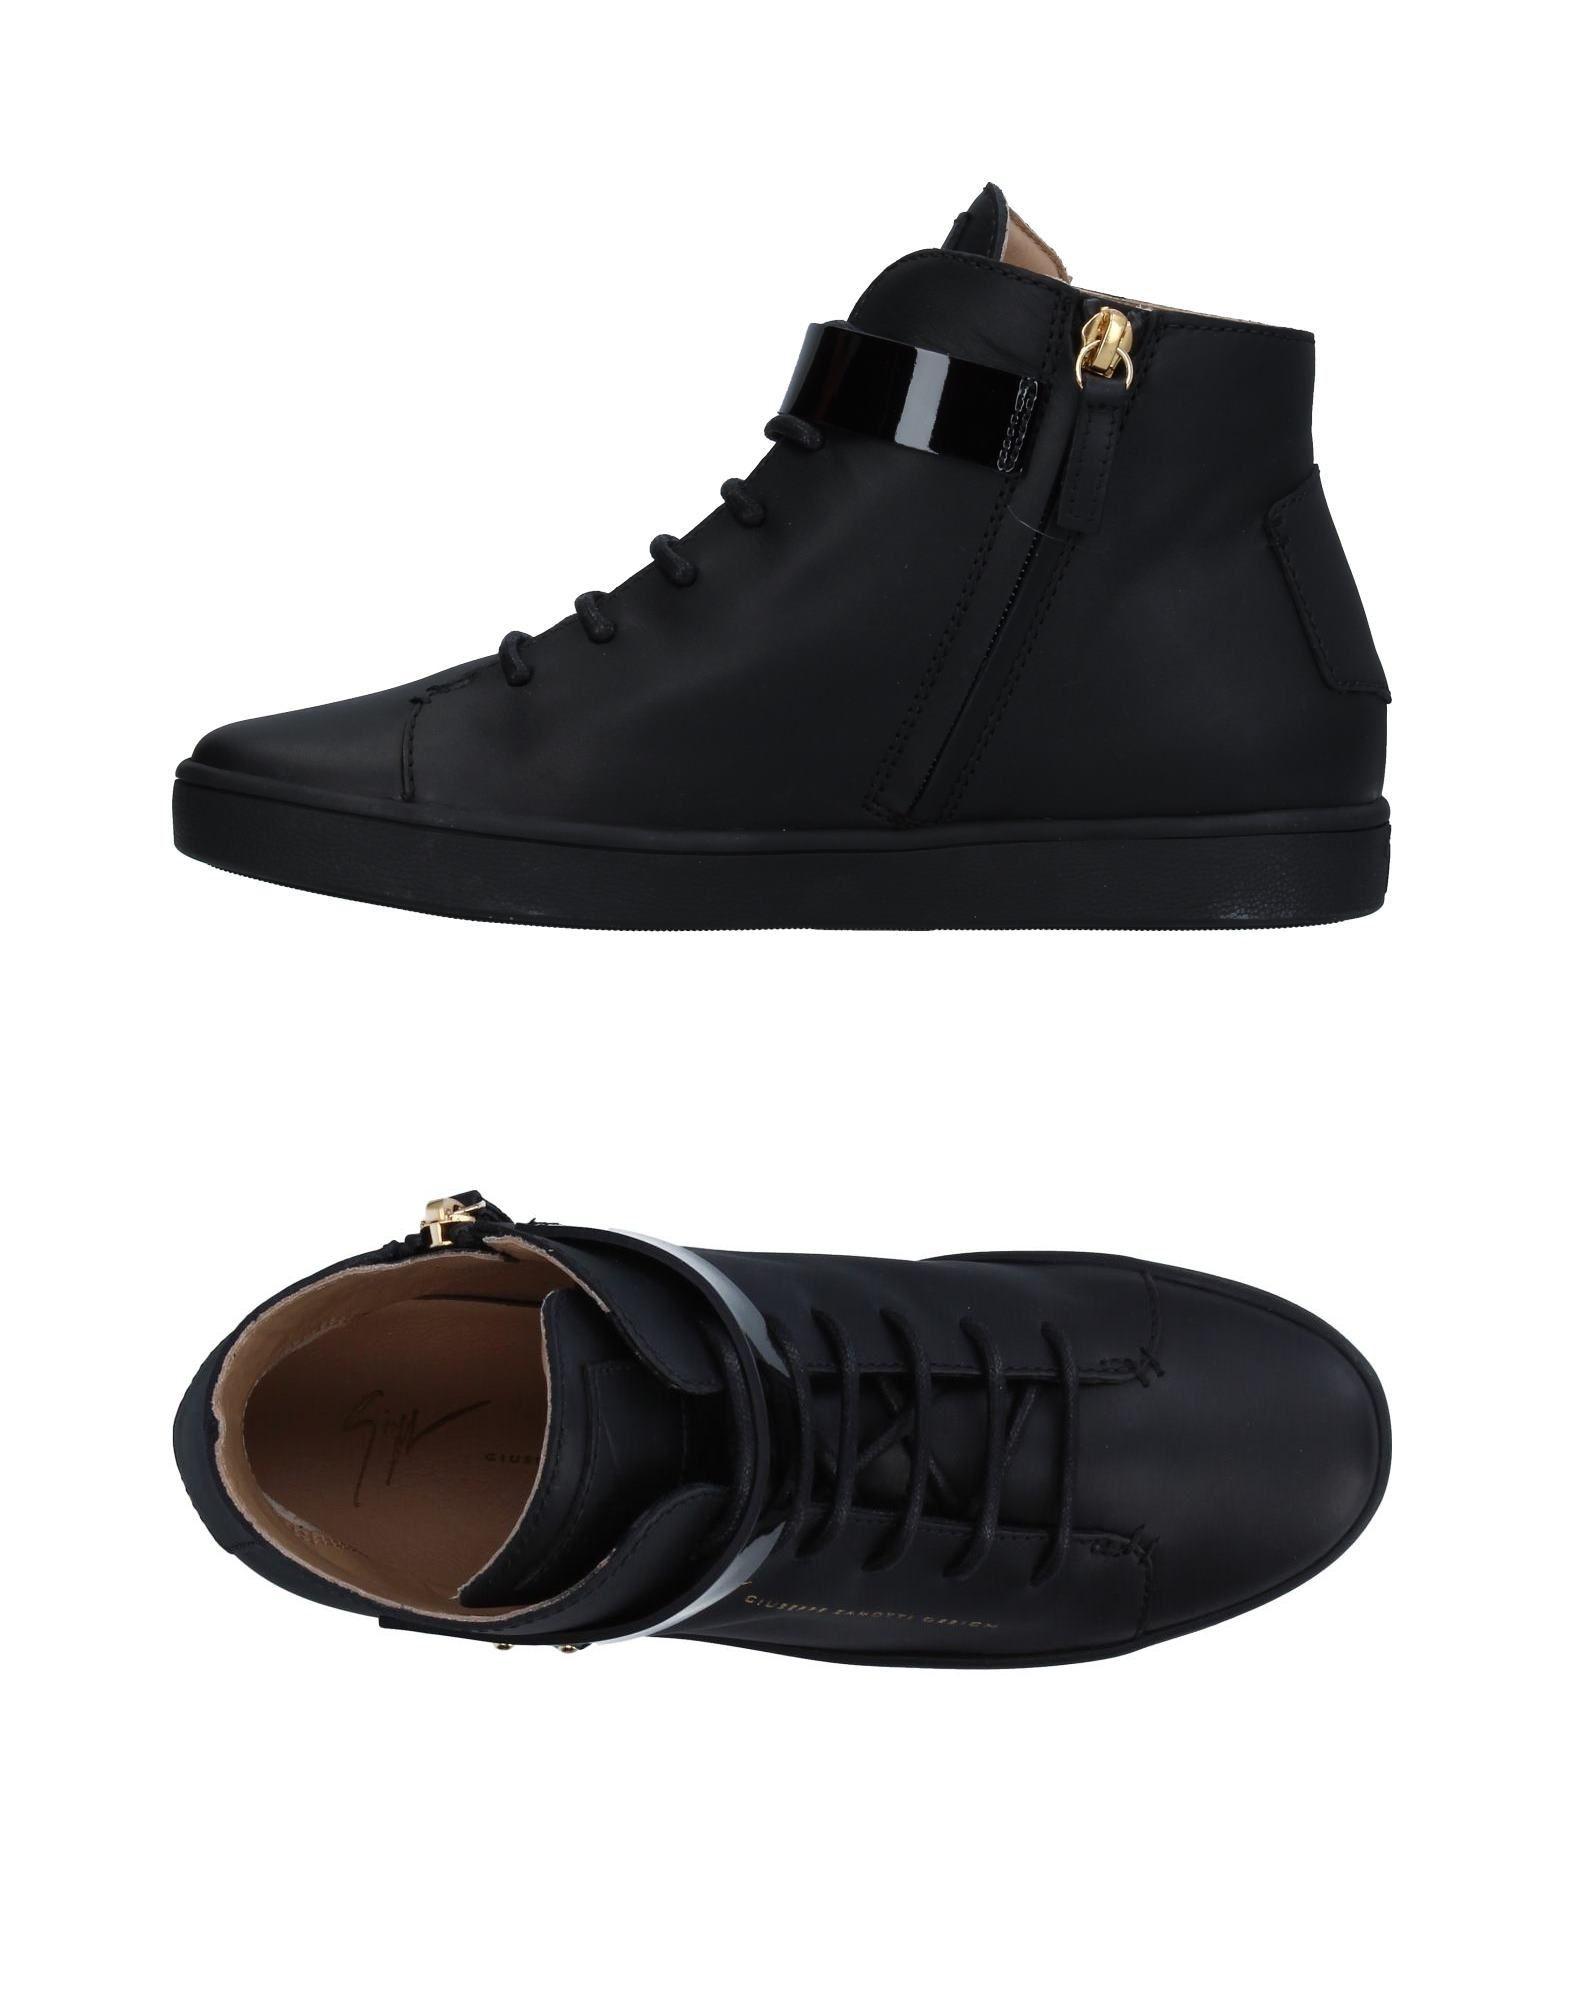 Giuseppe Zanotti Sneakers - Women - Giuseppe Zanotti Sneakers online on  Australia - Women 11356340FX 2b4a28